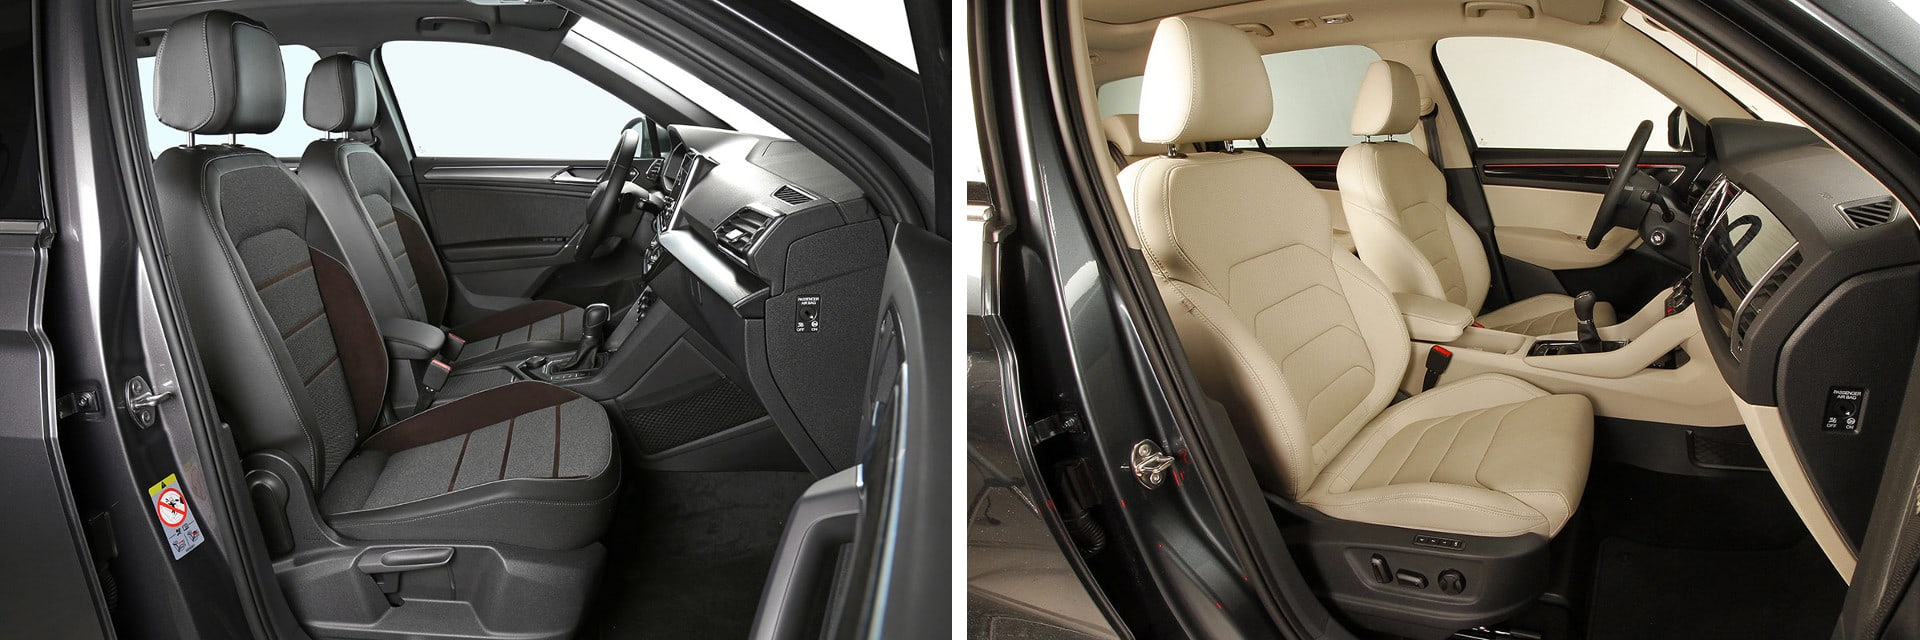 Los asientos de serie del Škoda (dcha.) son calefactables, mientras que en los del SEAT (izq.) son una opción que cuesta 380 euros. / km77